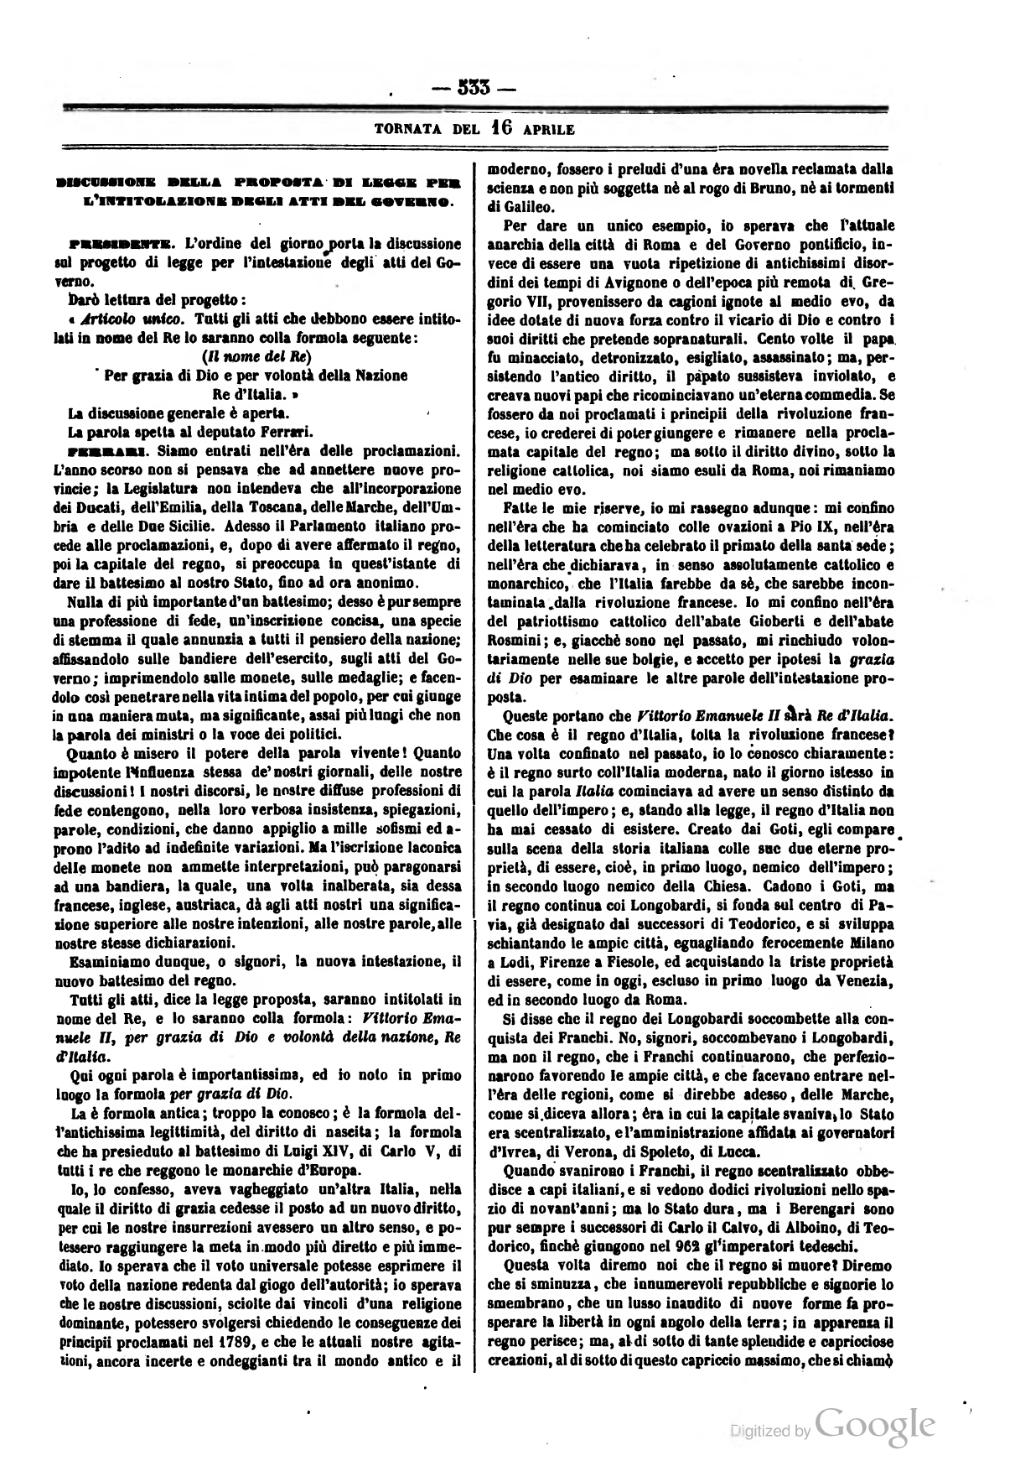 Pagina atti del parlamento italiano 1861 djvu 15 for Il parlamento italiano wikipedia